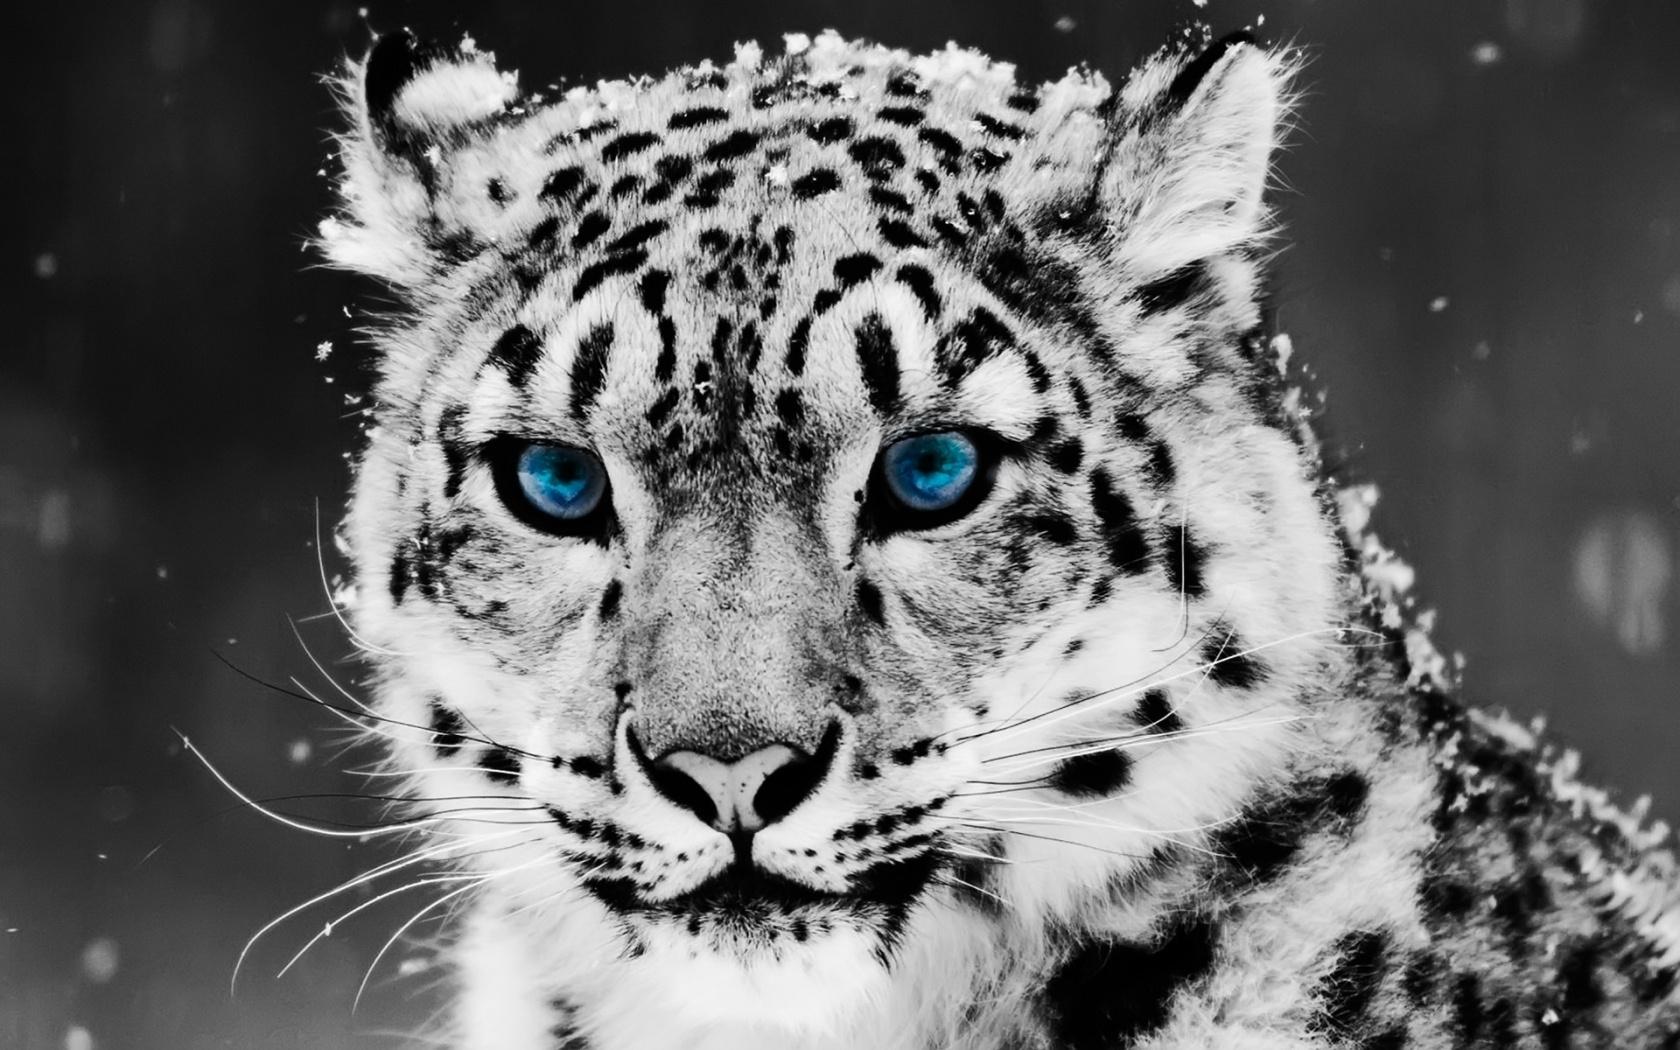 Snow Blue Eye Leopard Wallpapers HD Wallpapers 1680x1050